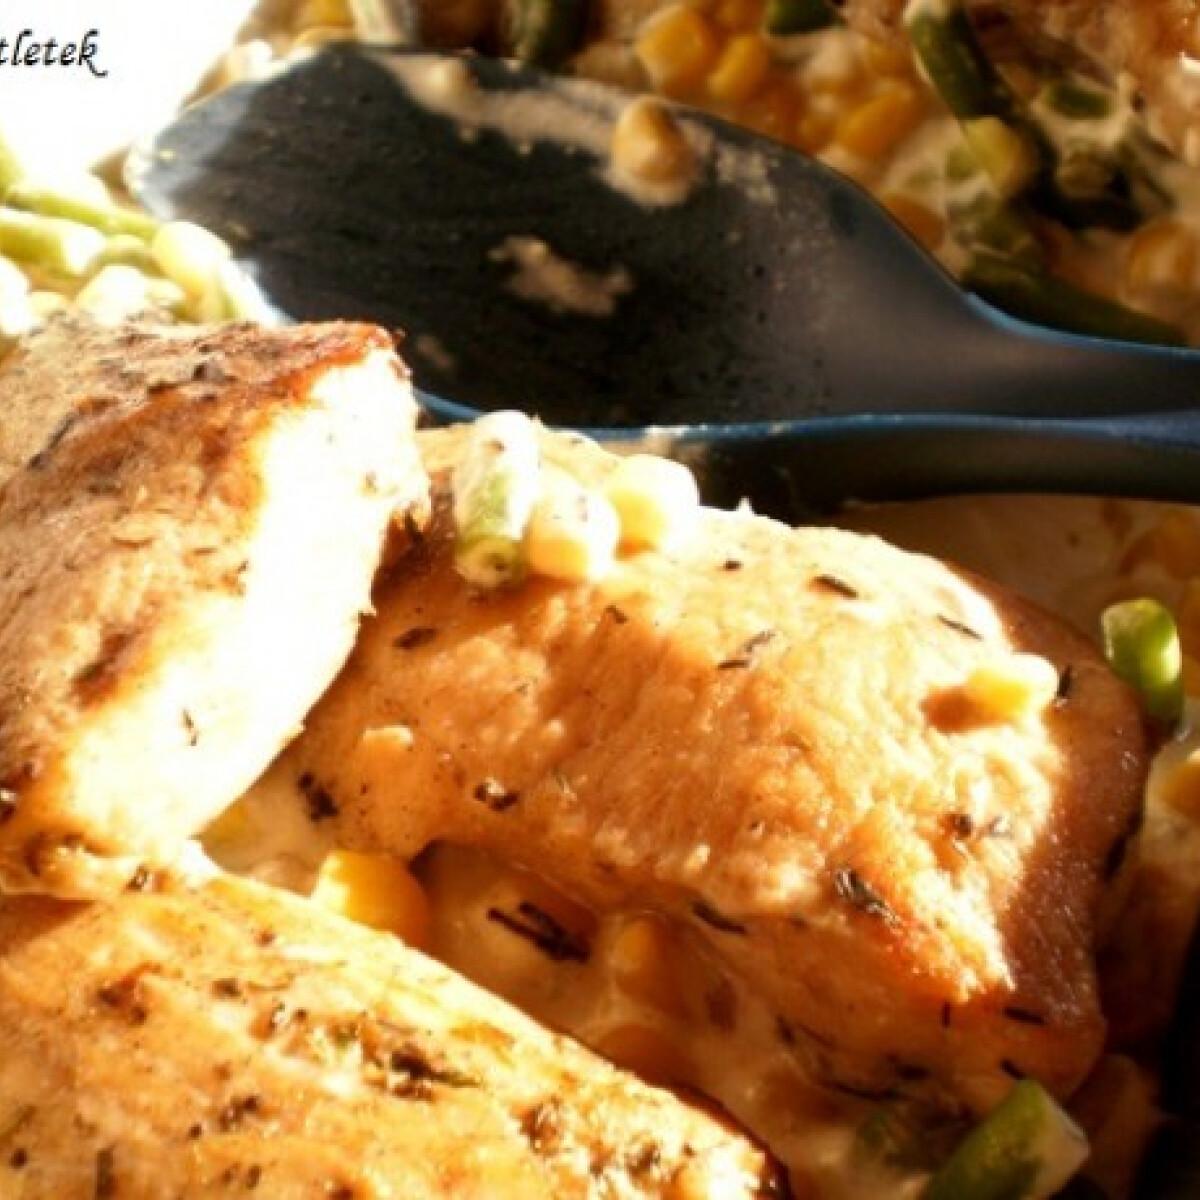 Tejfölös zöldségágyon sült csirke és halfilé